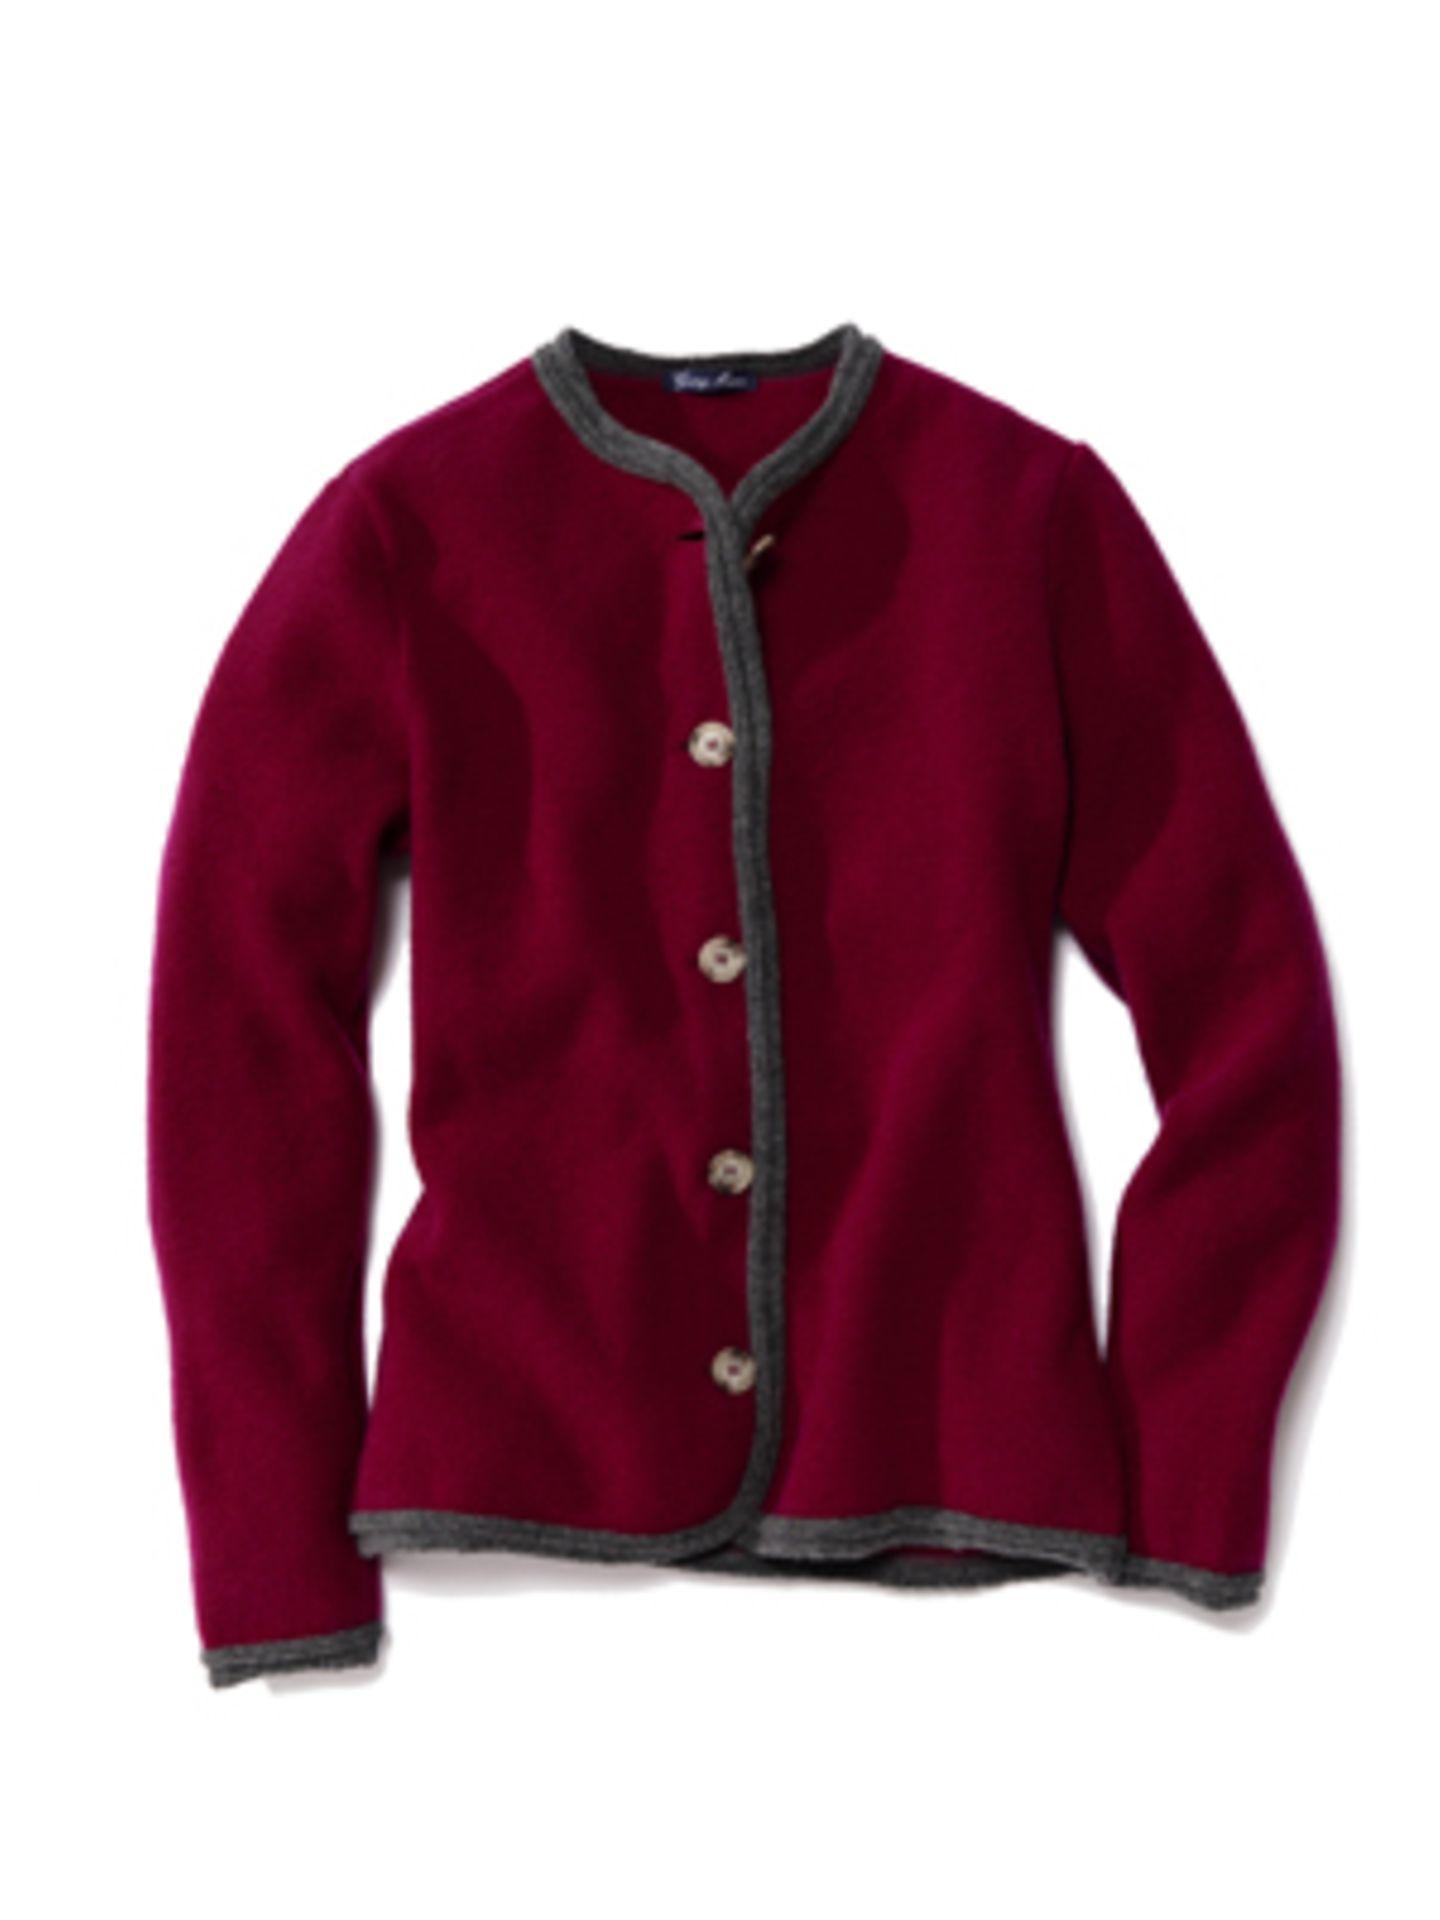 Klassische Trachten-Jacke in Rot mit Holzknöpfen von Georg Maier, um 200 Euro.